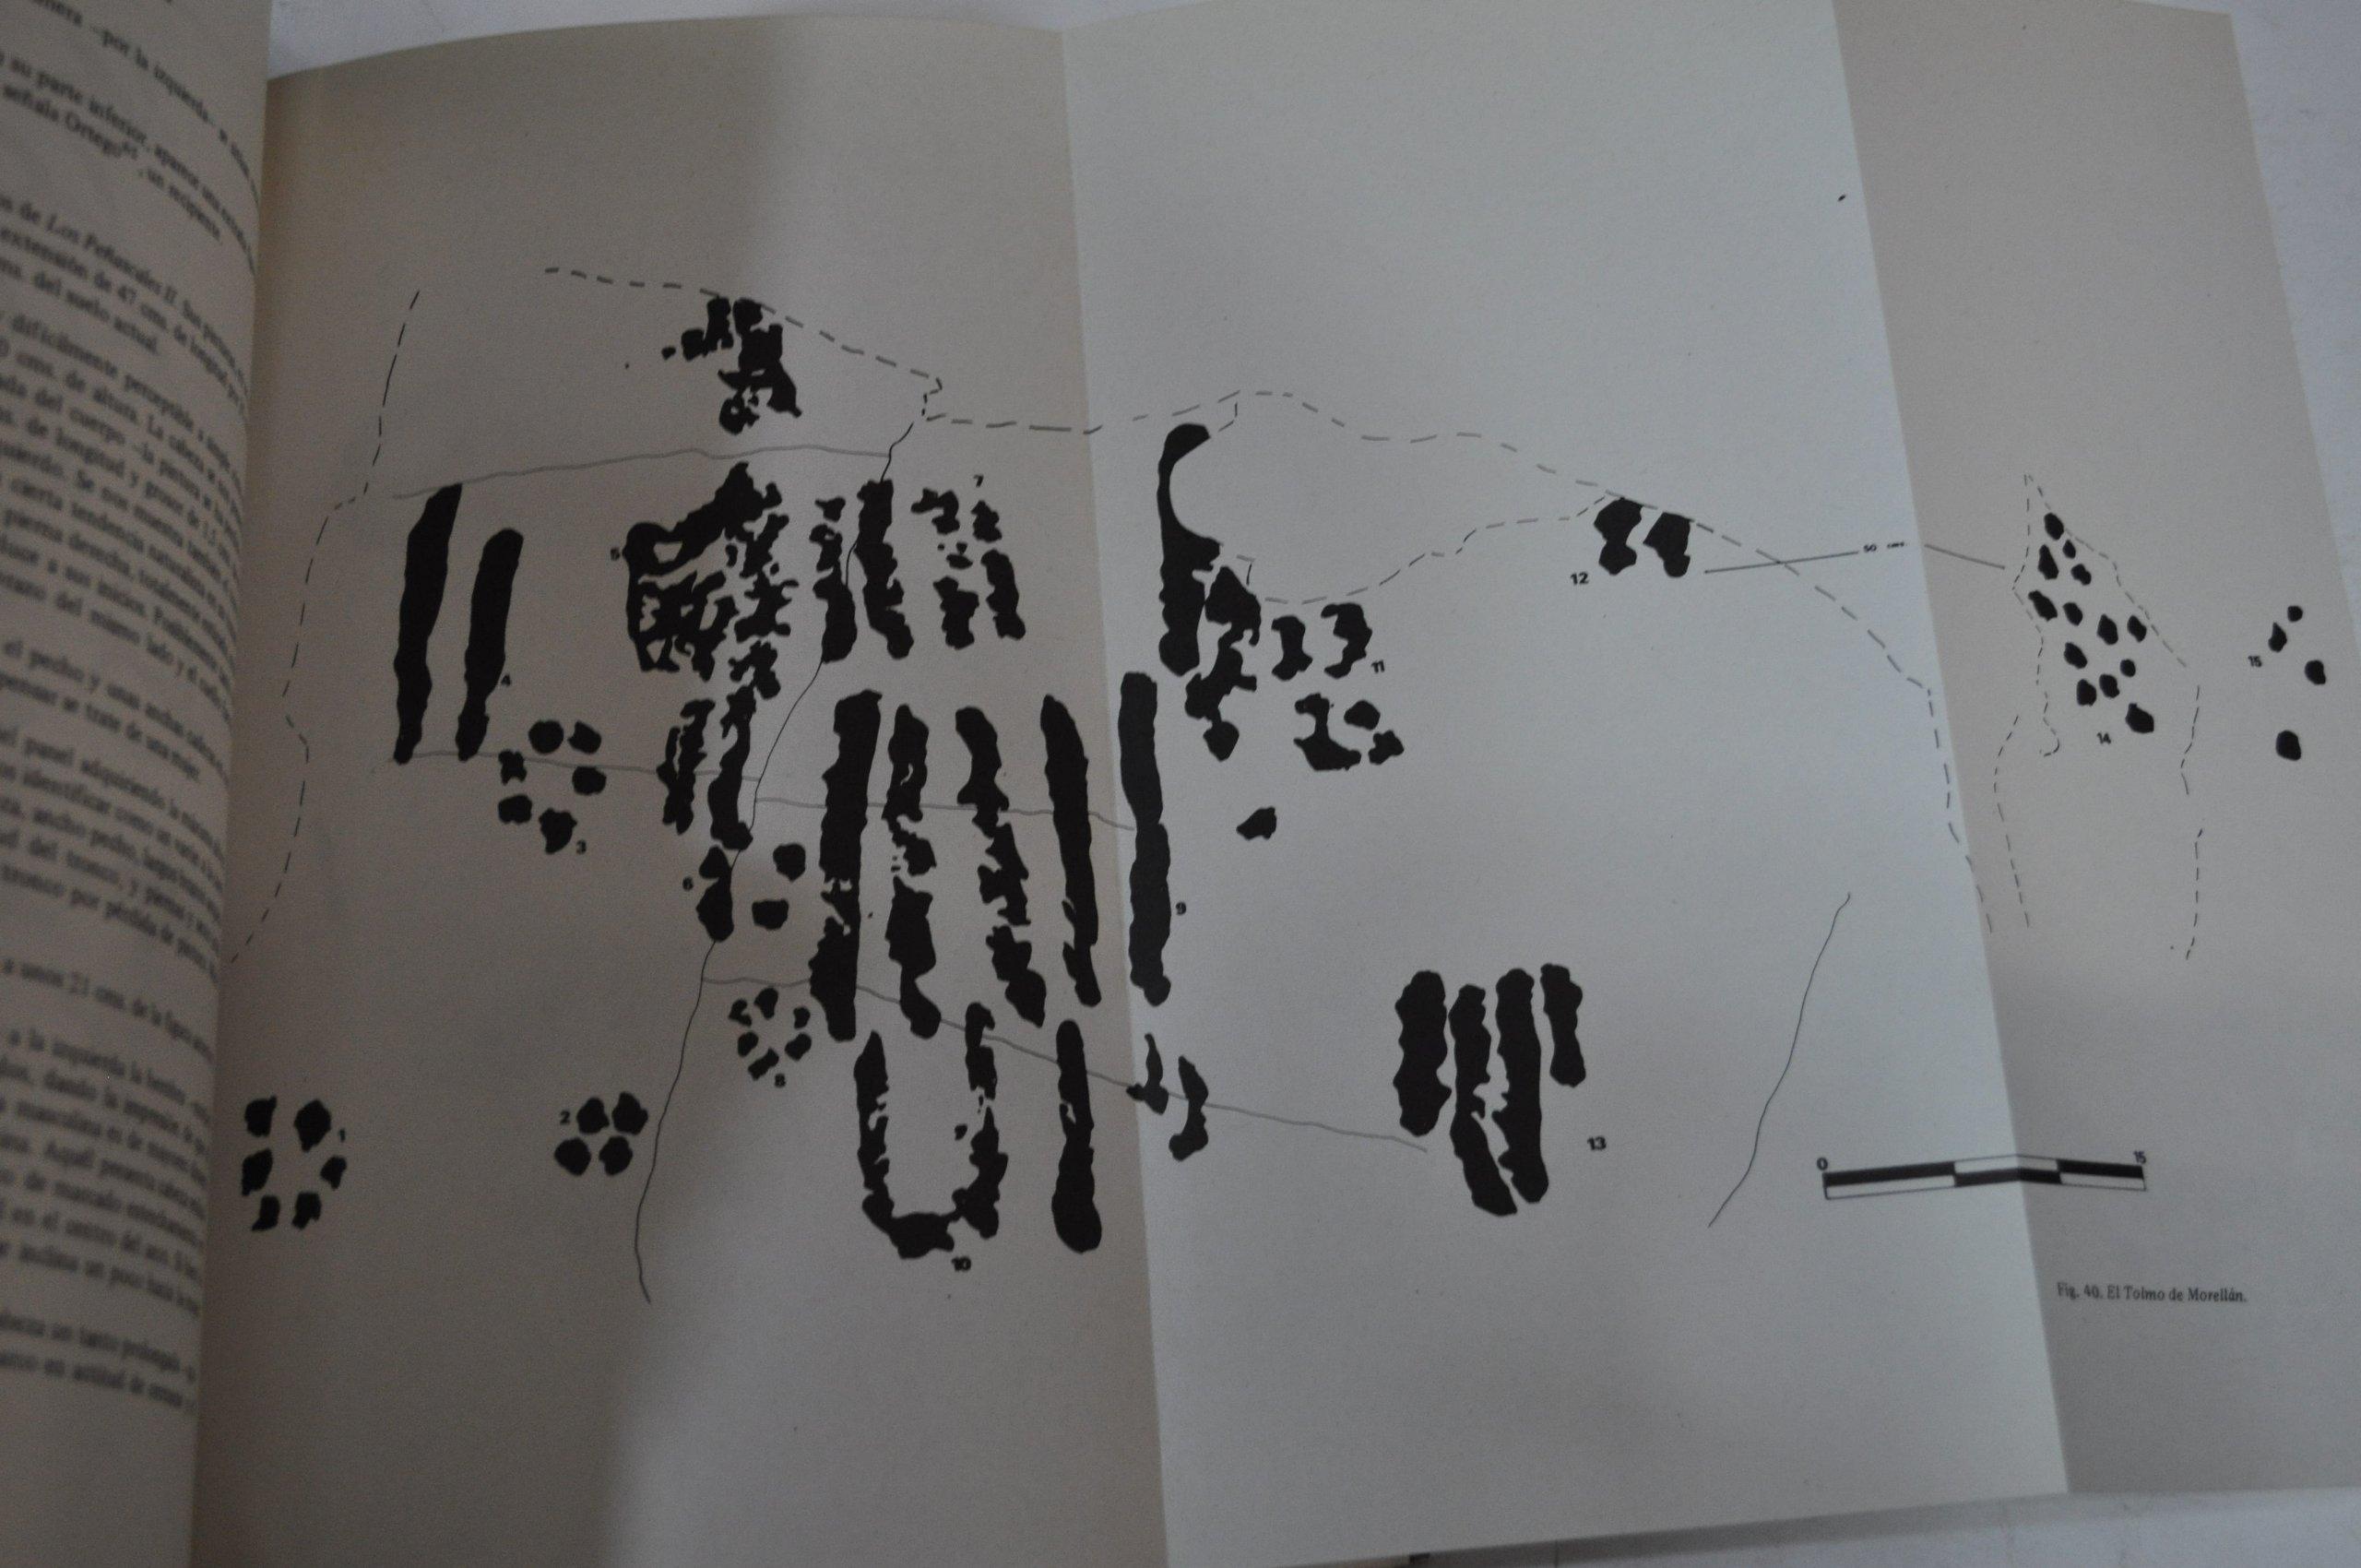 La pintura rupestre esquematica en la altimeseta soriana (Publicaciones del Excmo. Ayuntamiento de Soria): Juan A Gomez-Barrera: 9788450052732: Amazon.com: ...